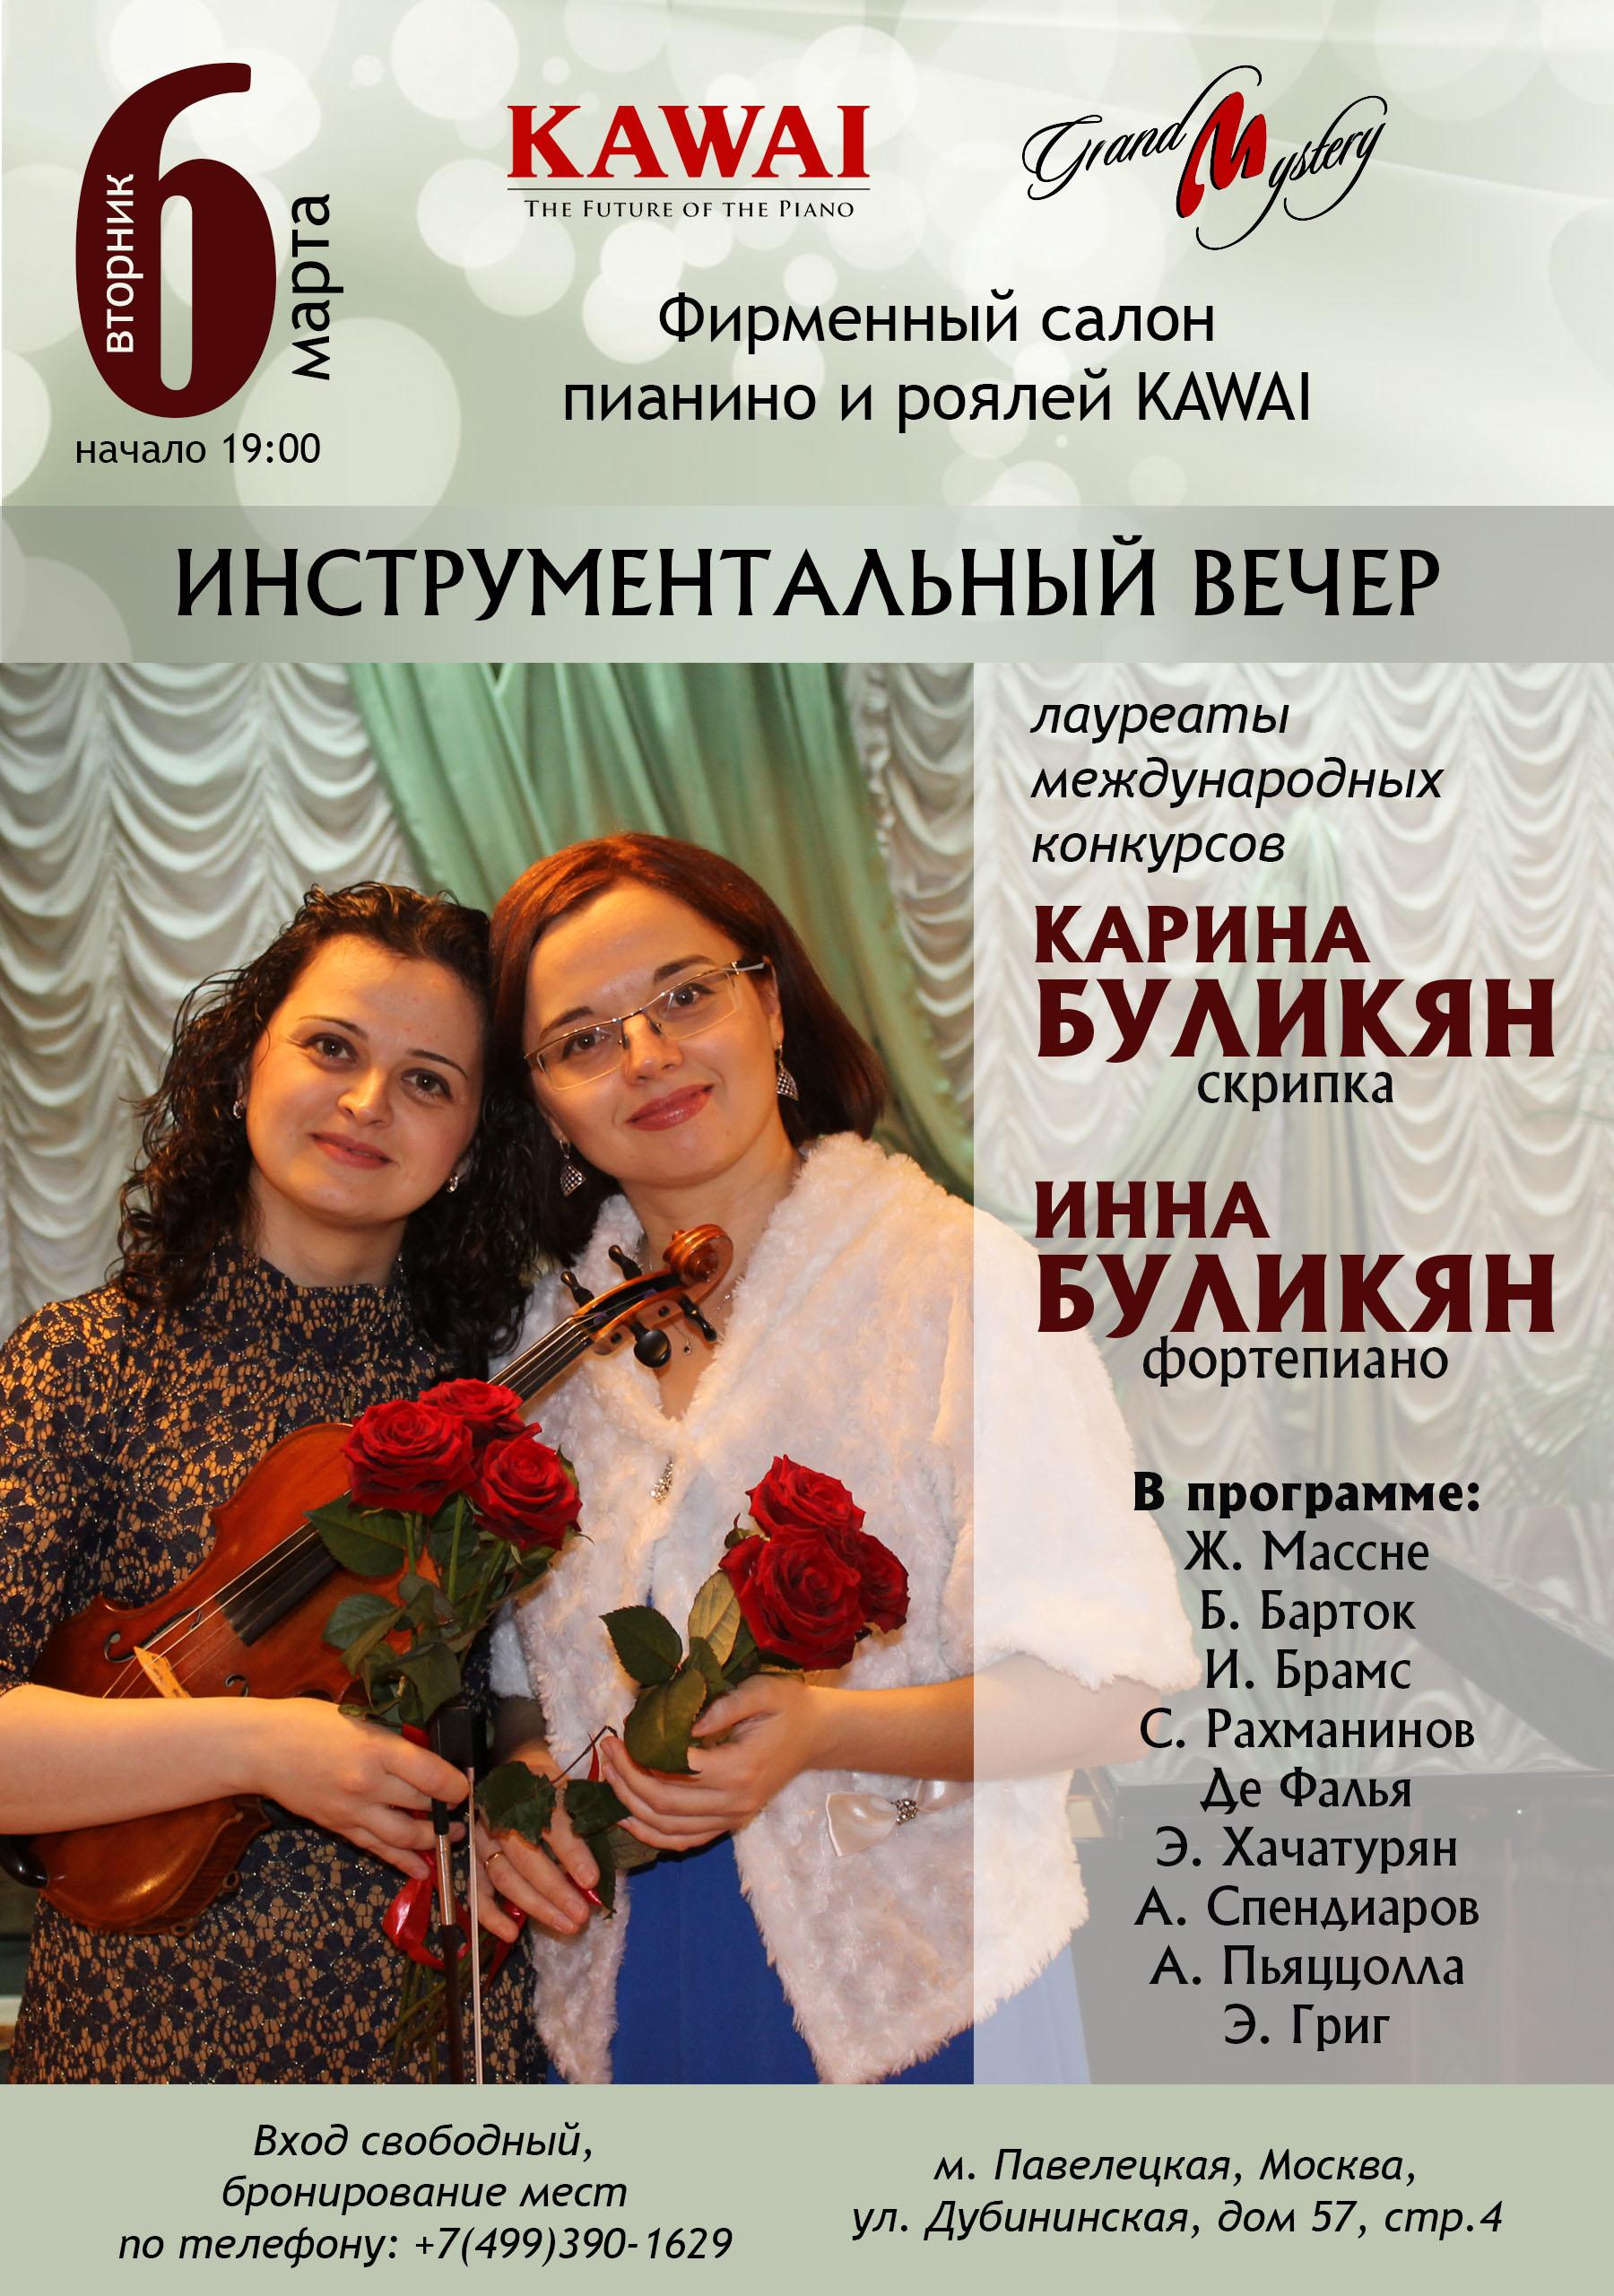 Инструментальный вечер с Инной и Кариной Буликян»